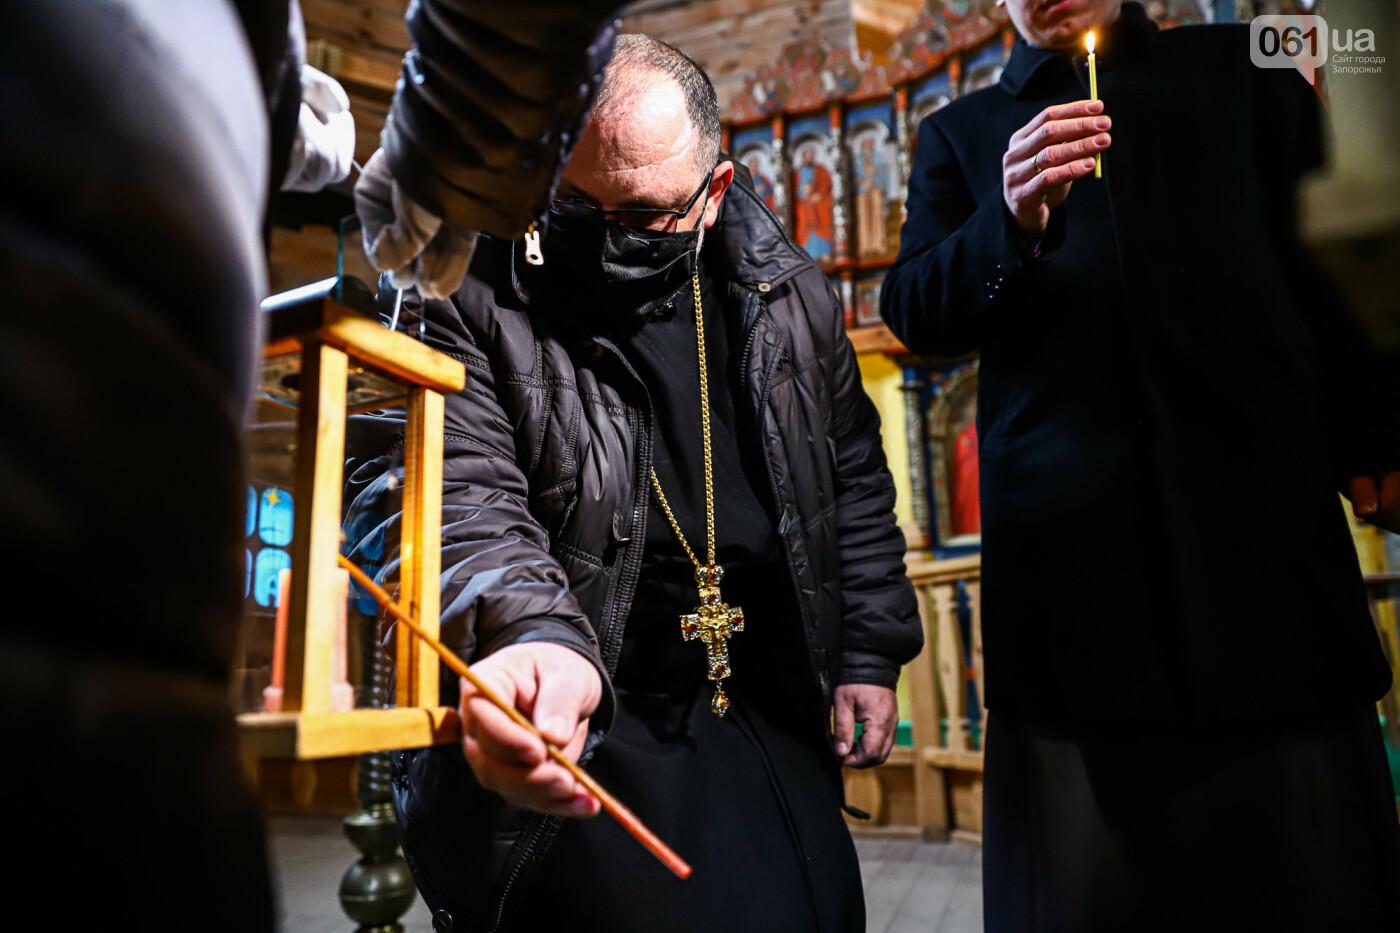 На Хортице скауты передали священникам Вифлеемский огонь, - ФОТОРЕПОРТАЖ, фото-12